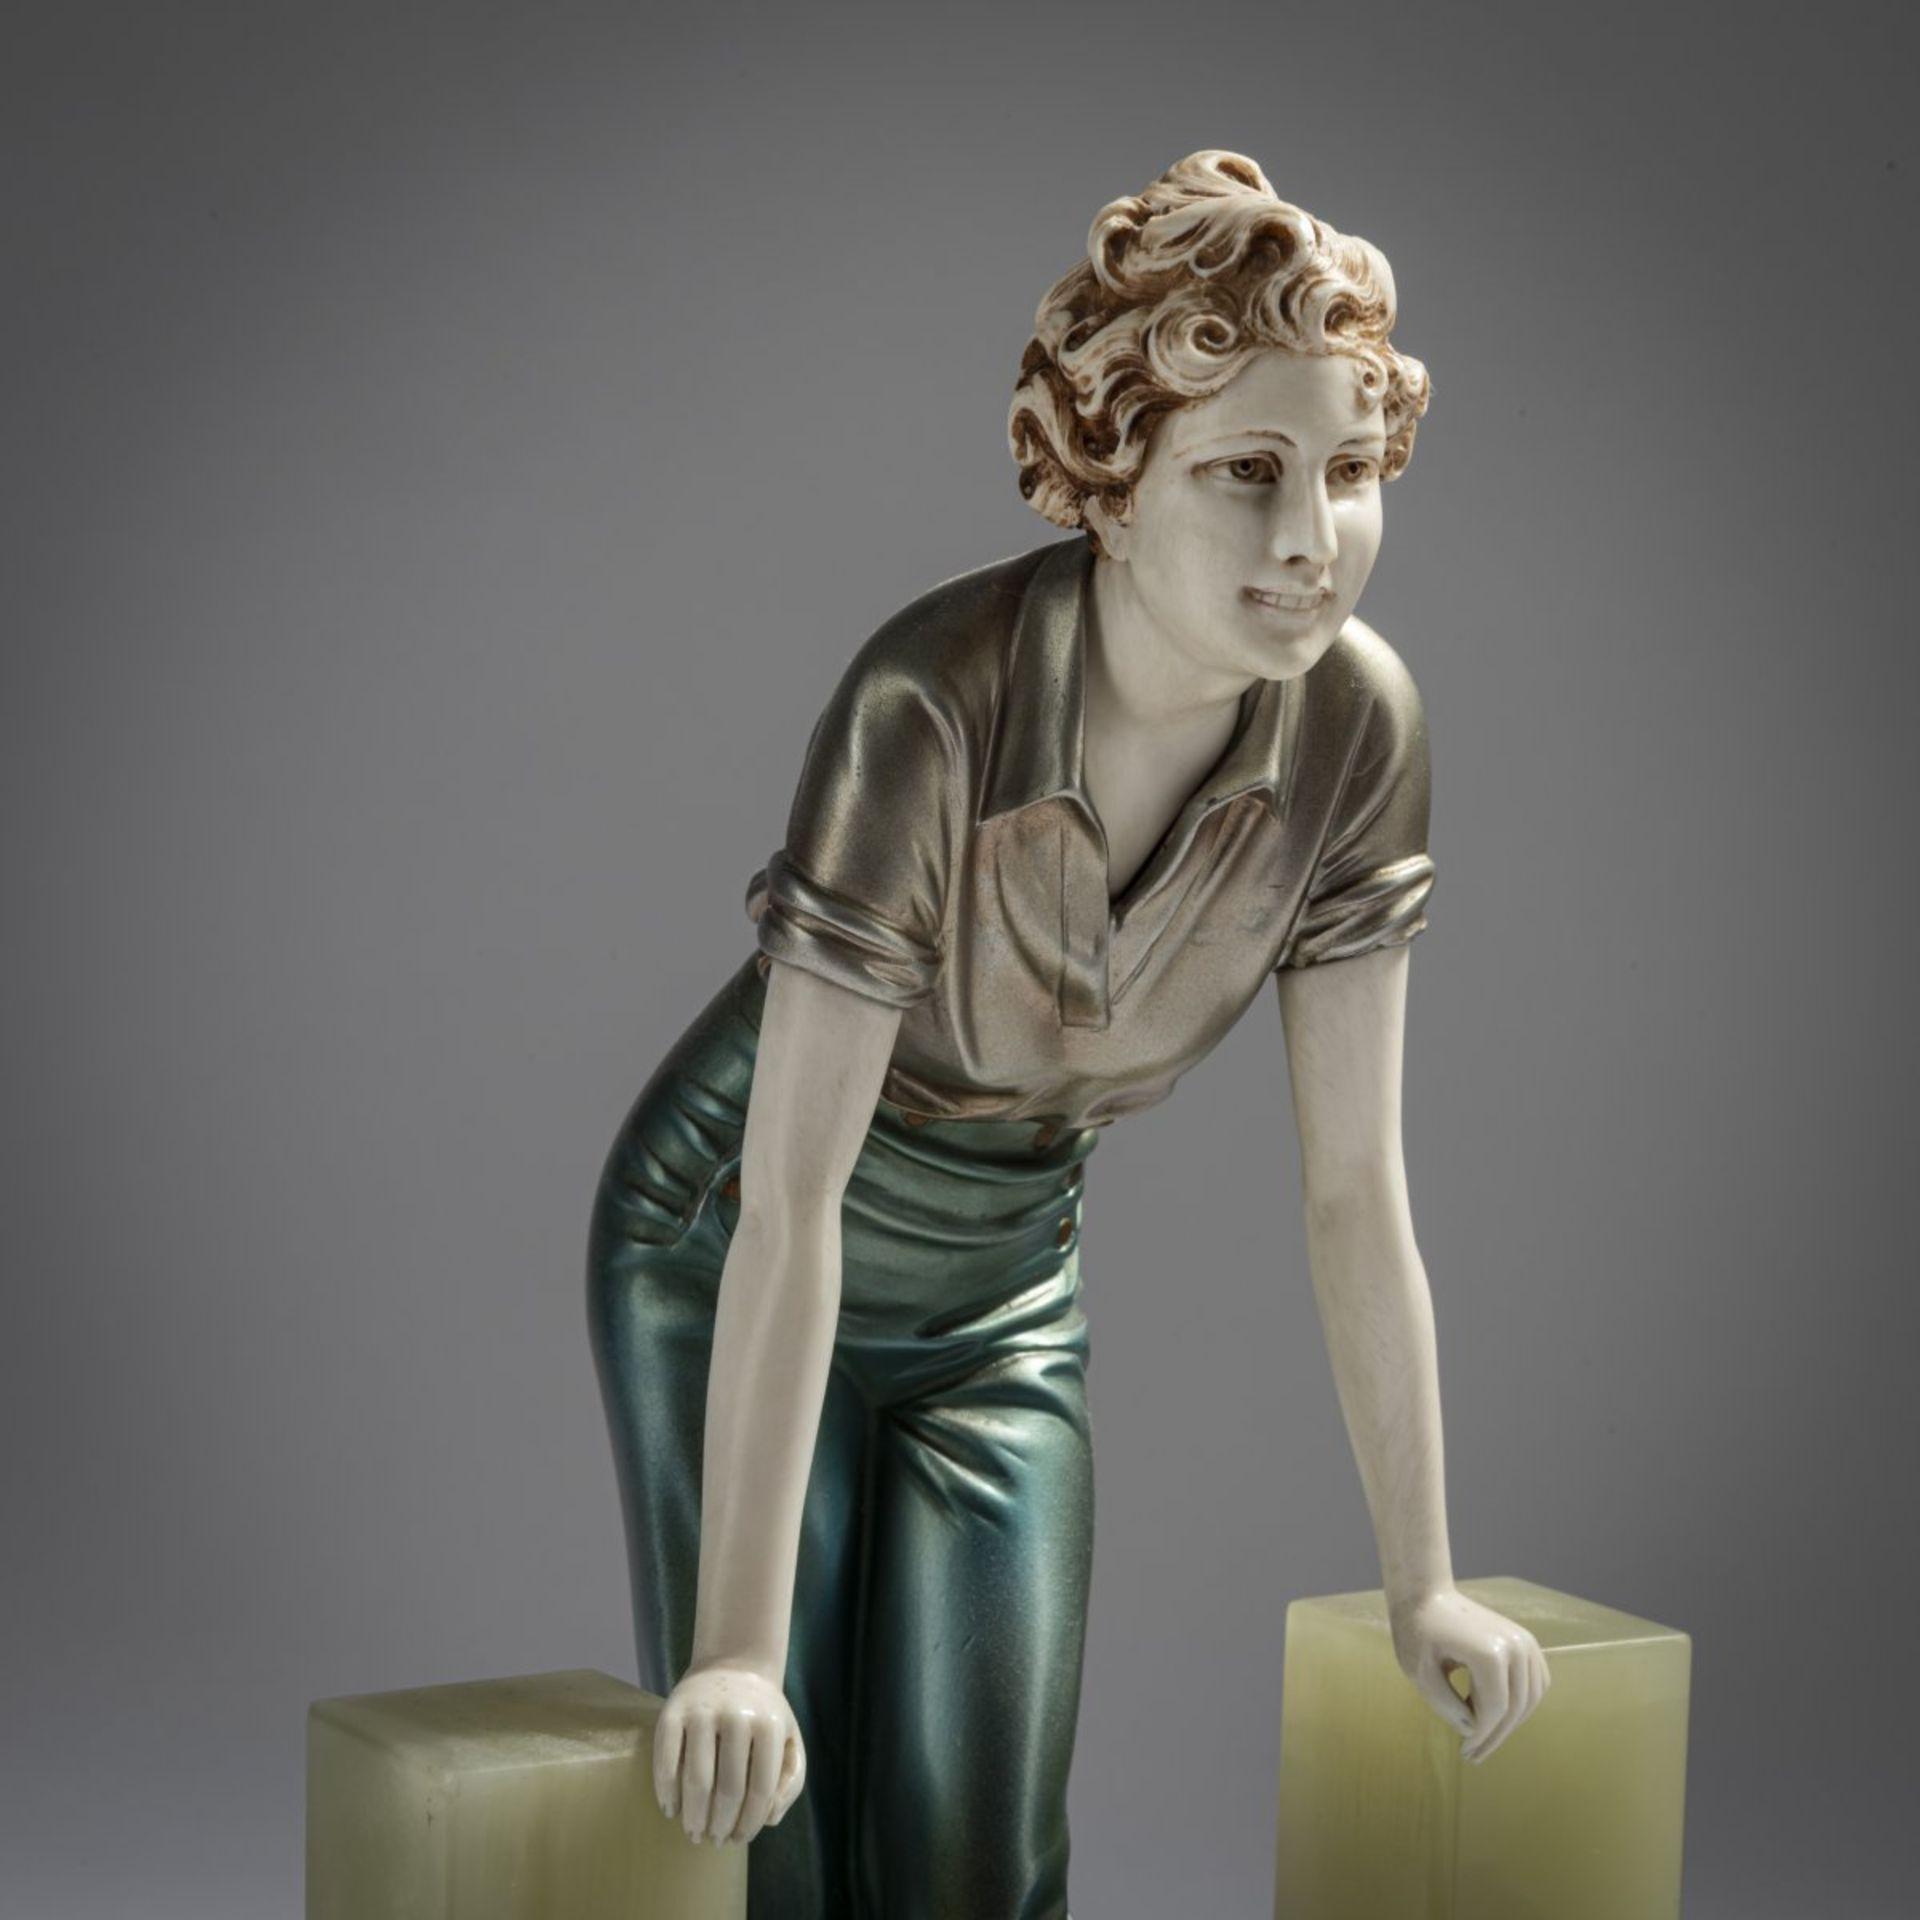 Ferdinand Preiss, 'The Stile', um 1928 - Bild 9 aus 9